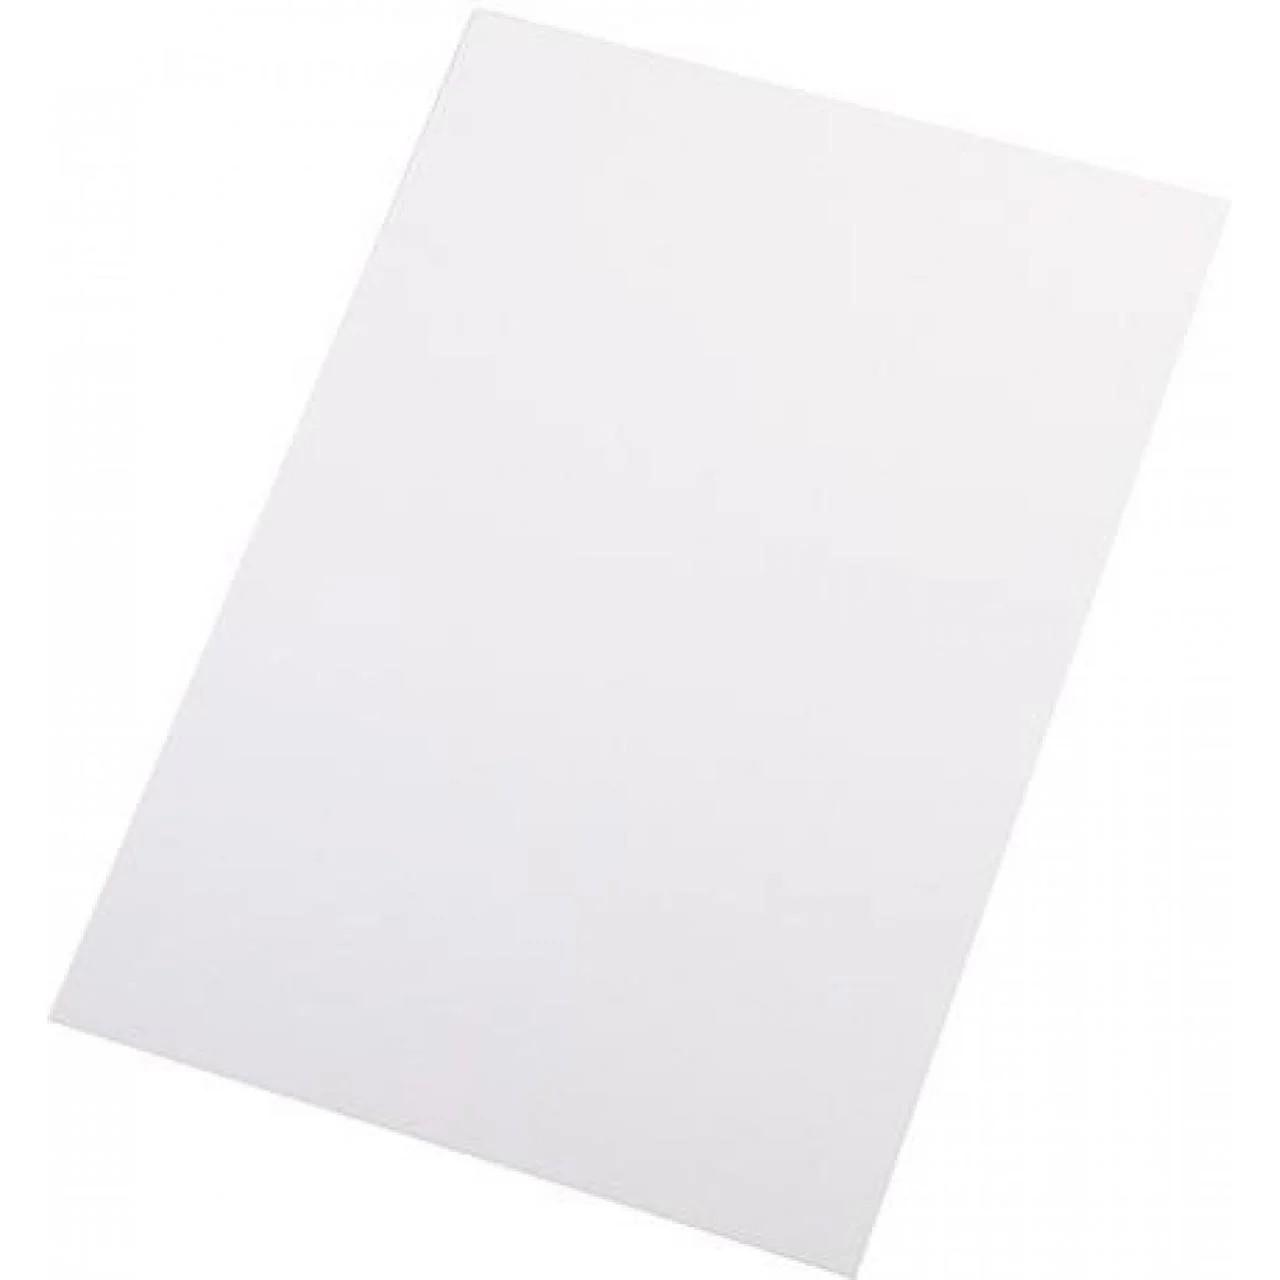 Бумага для дизайна Elle Erre А4 (21 * 29,7см), №00 bianco, 220г / м2, белый, две текстуры, Fabriano